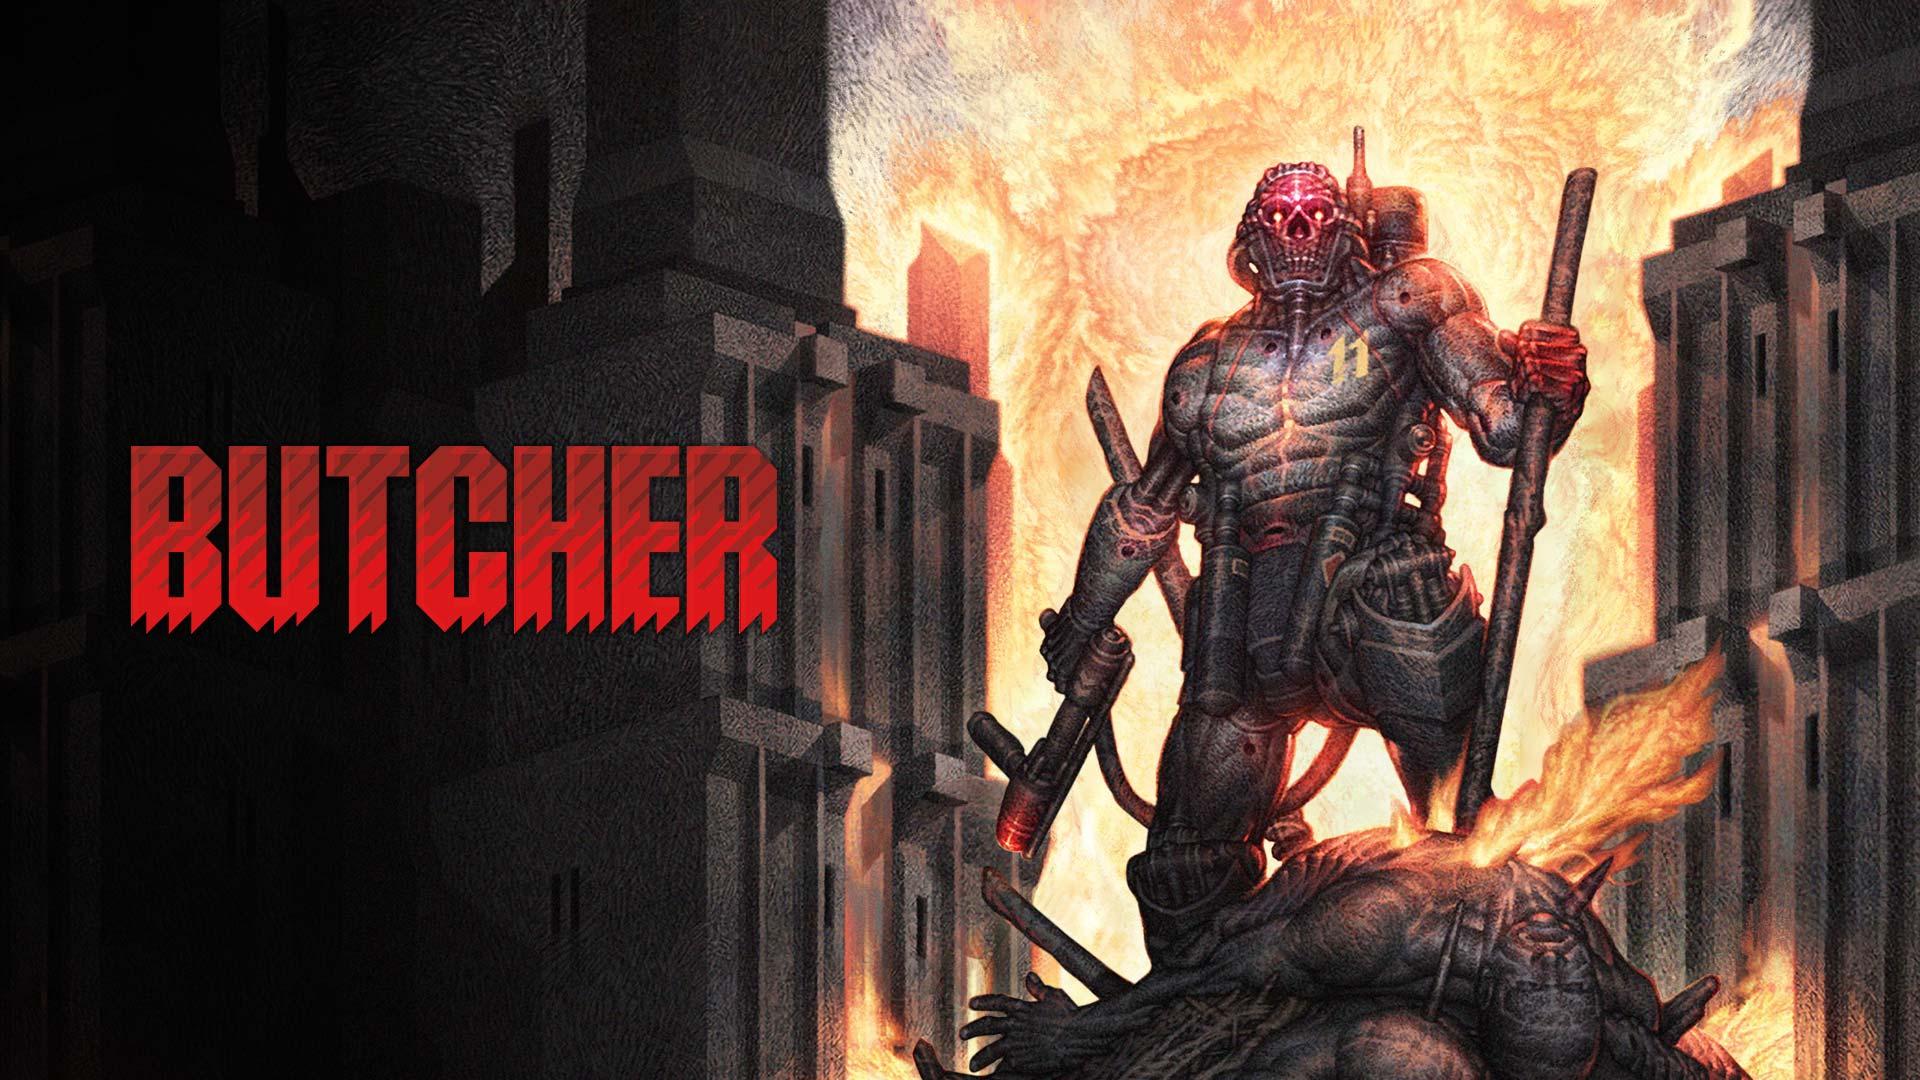 Butcher, Game 2D Shooter yang Sadis Resmi Dirilis untuk PS4!